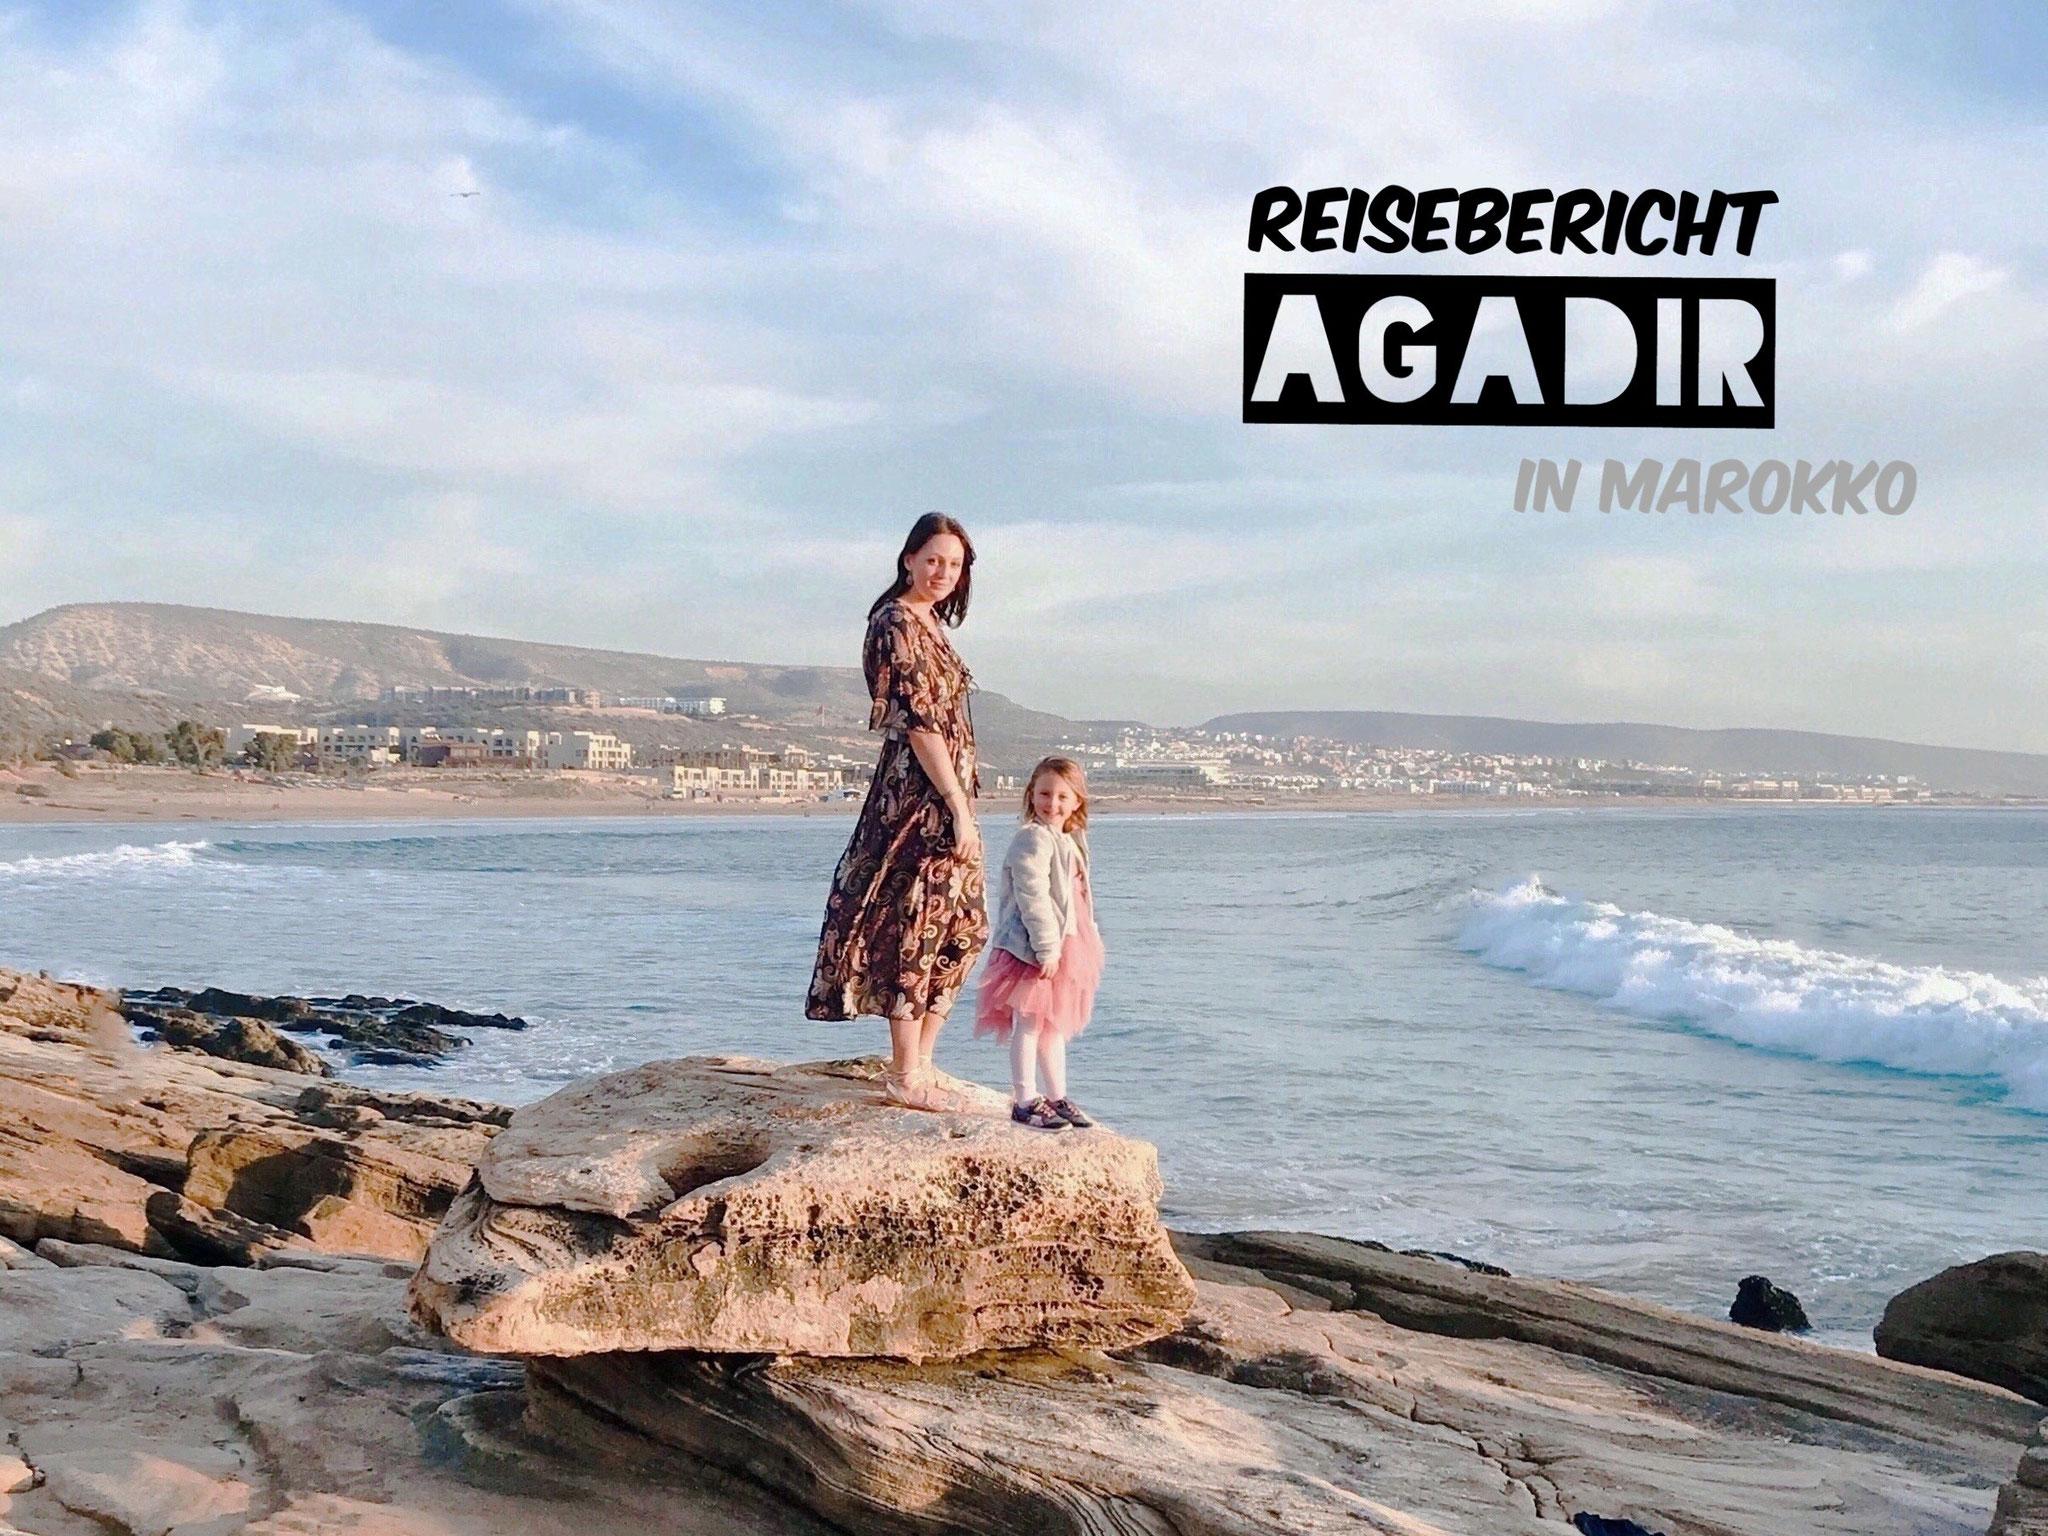 Reisebericht Agadir (Marokko)